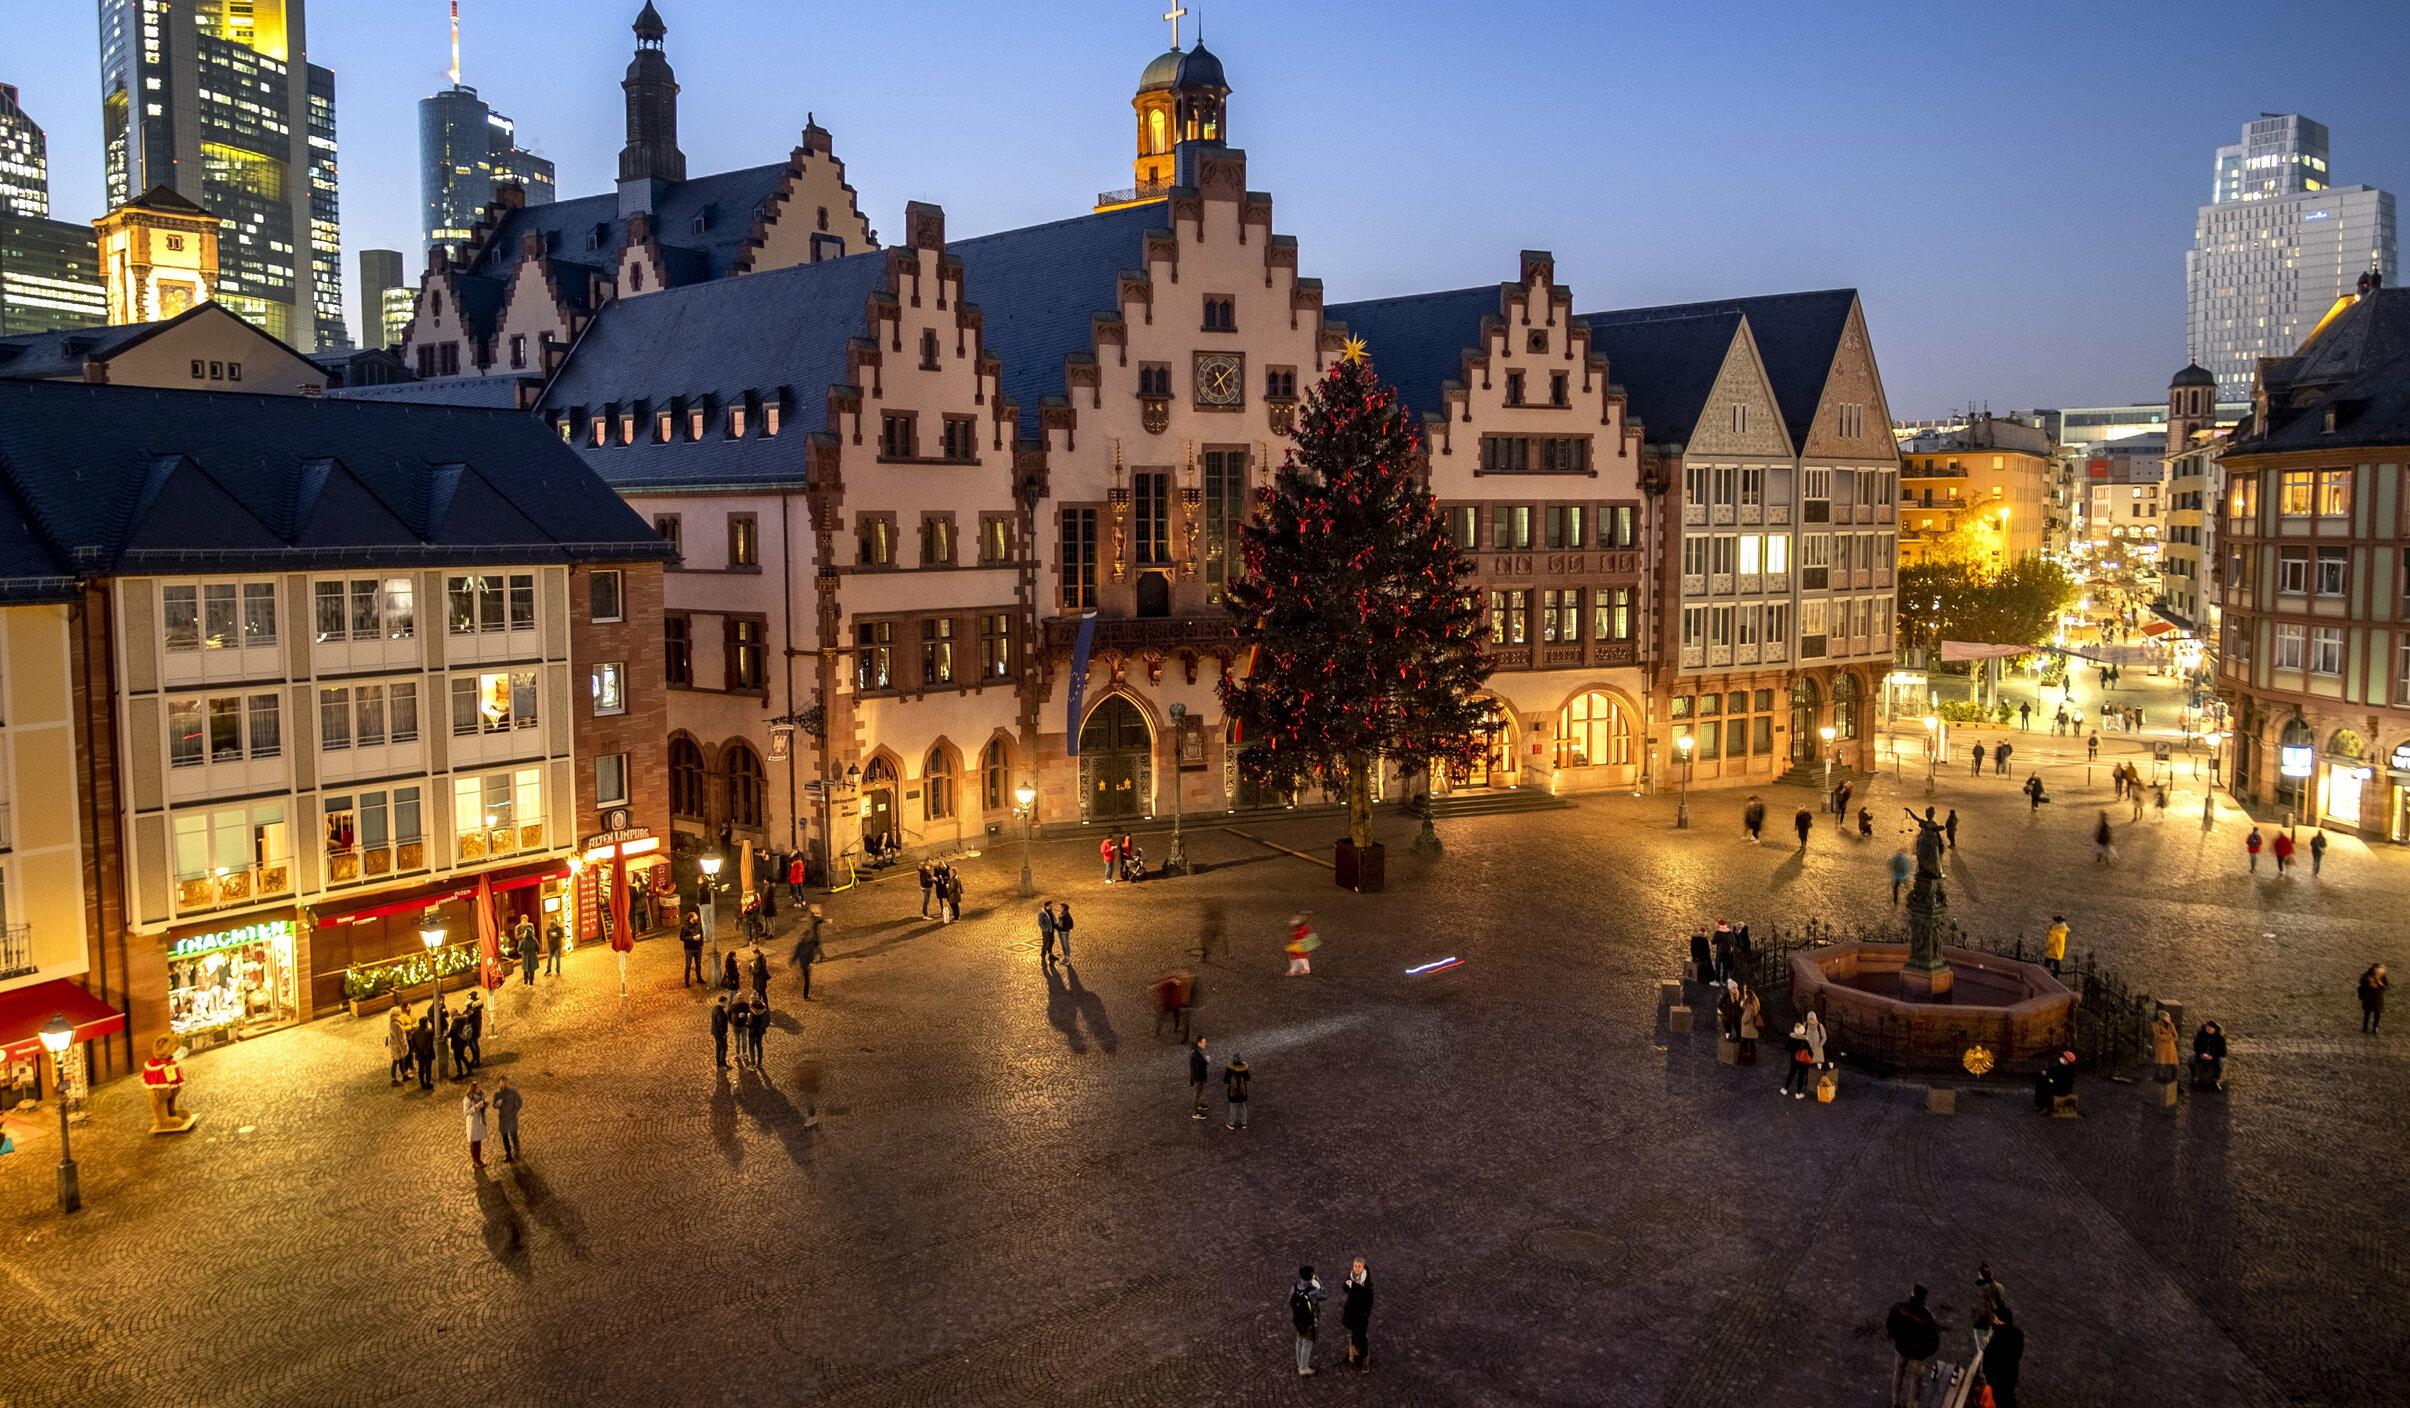 Sărbători de iarnă în Europa. Ce restricții impun guvernele de Crăciun și Revelion